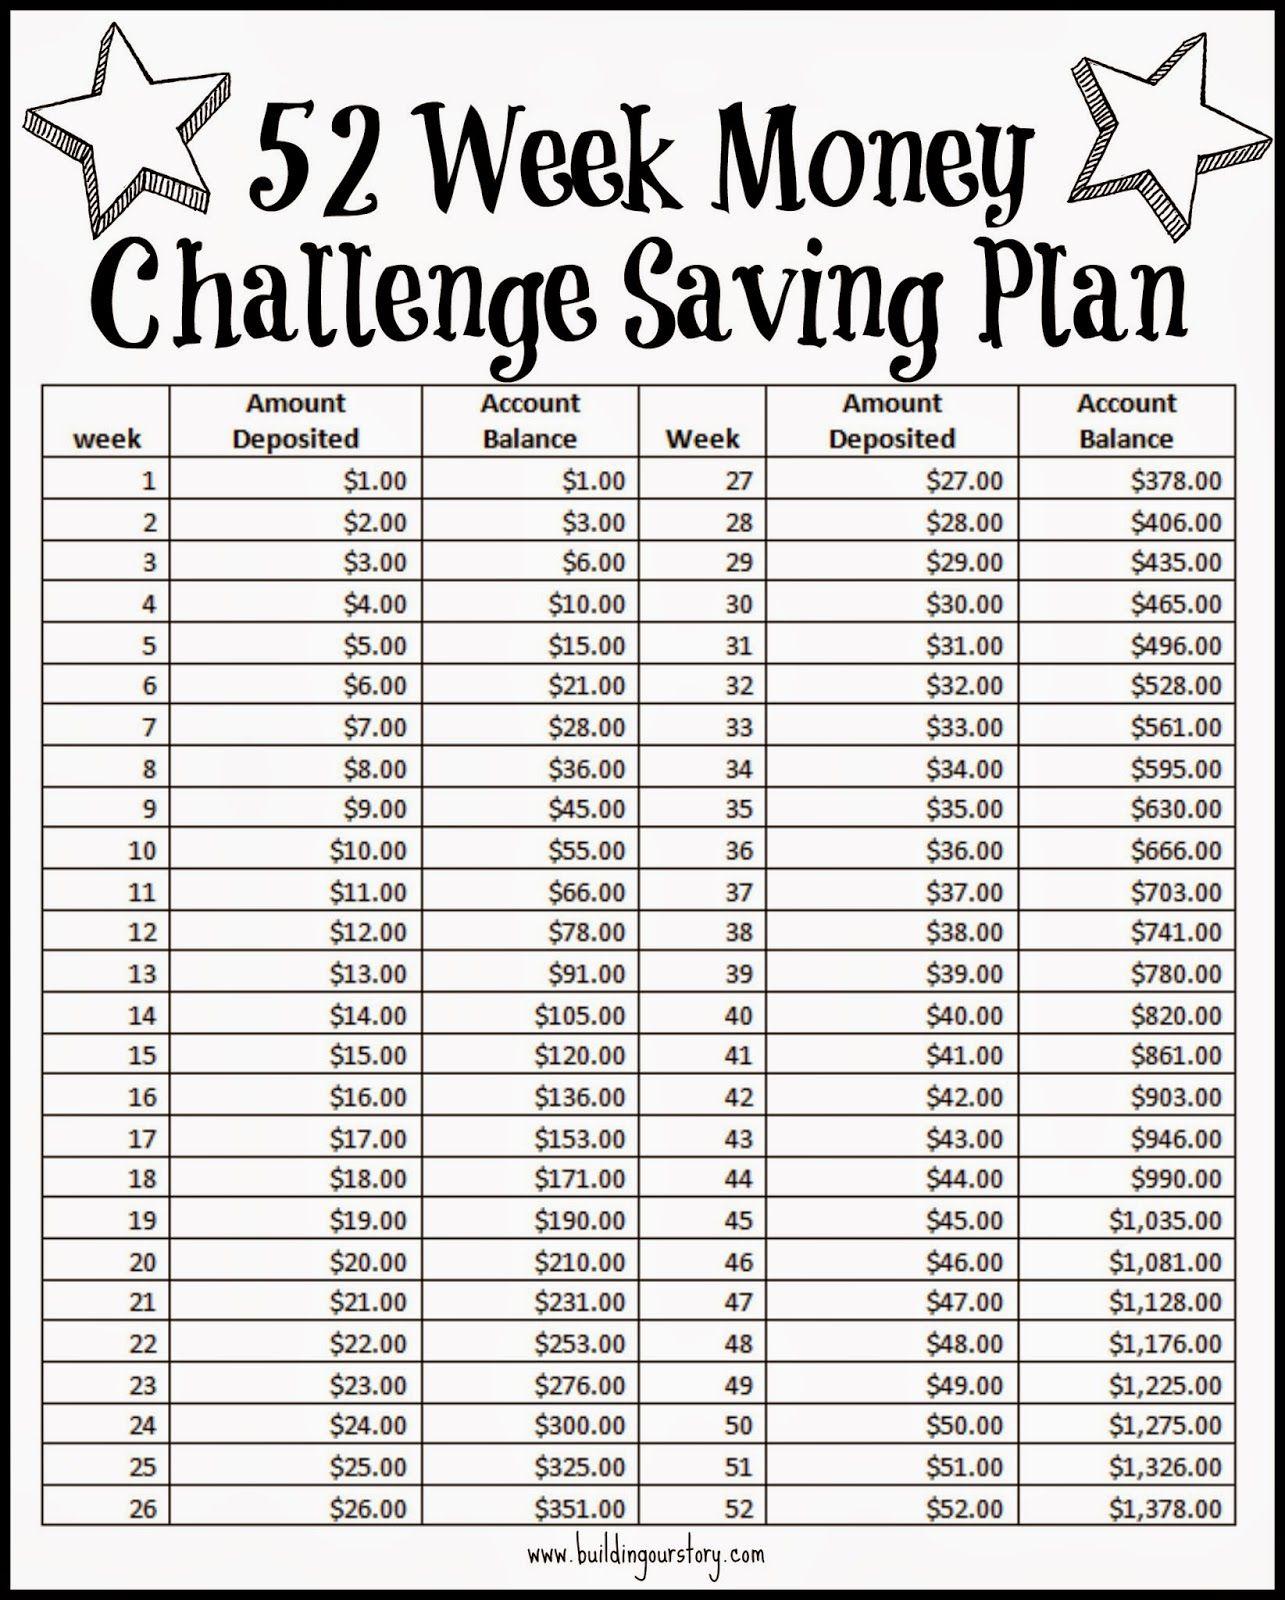 52 Week Money Challenge Saving Plan